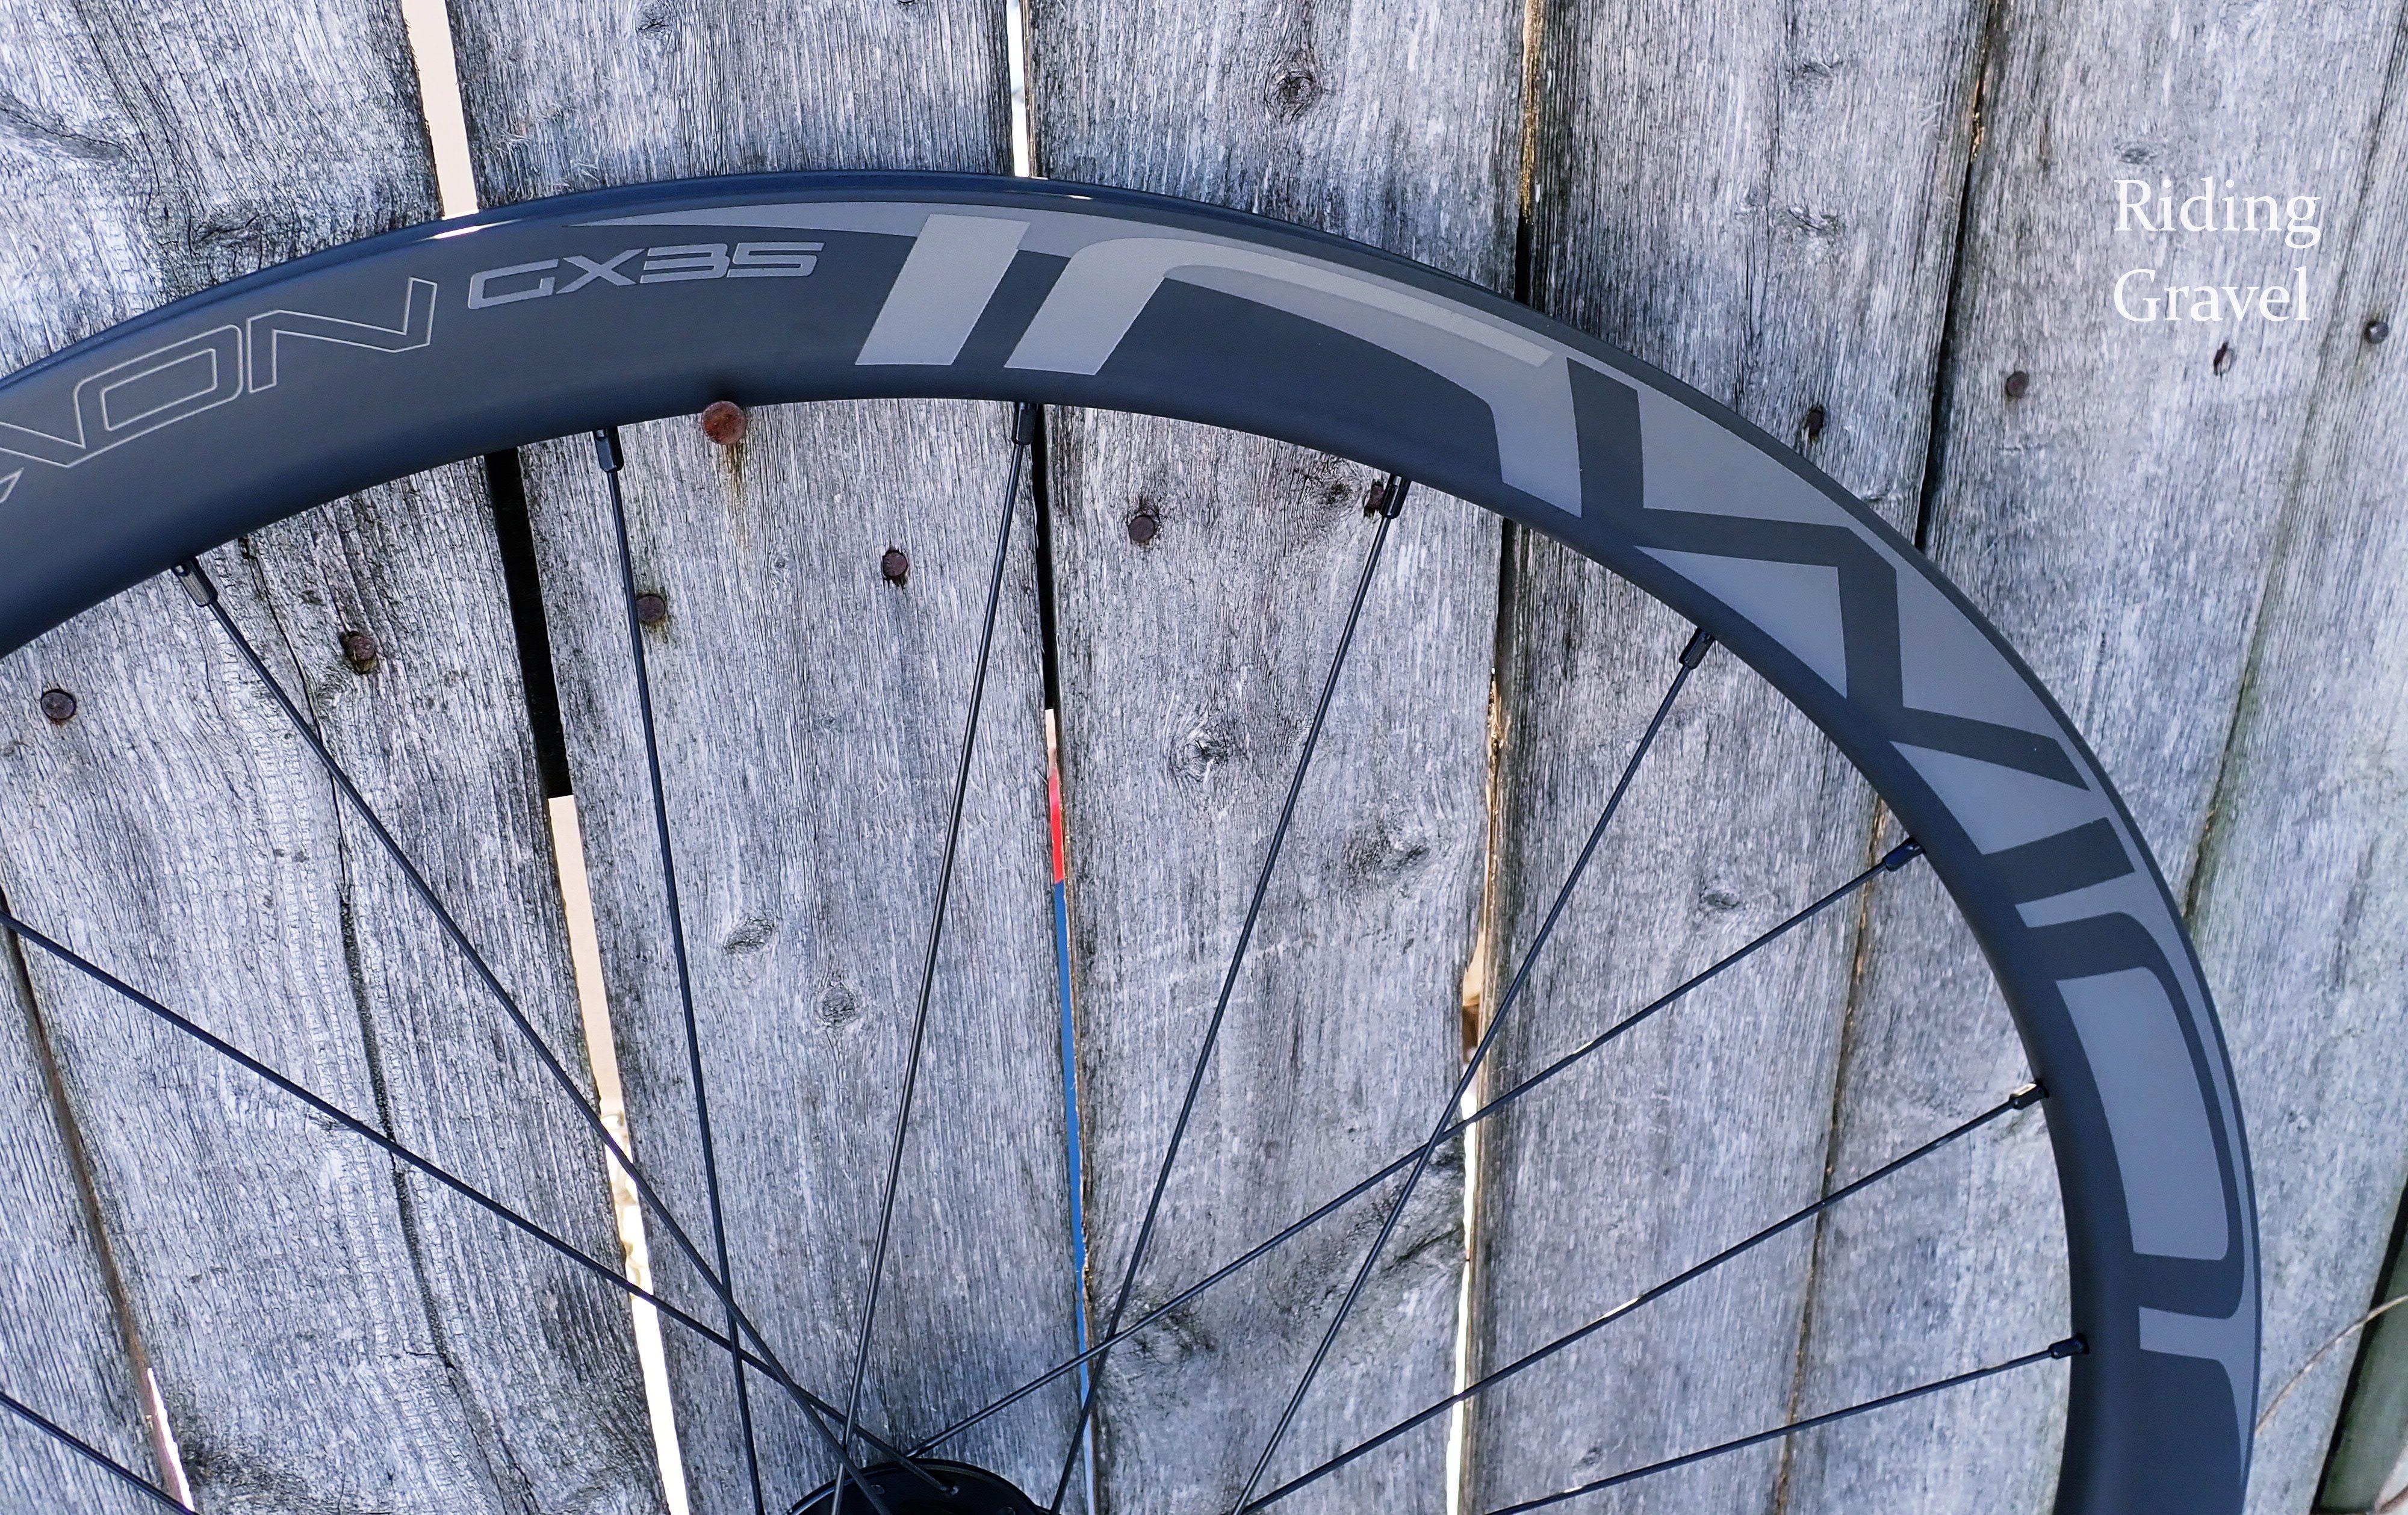 Irwin Cycling Aon GX 35 650B Carbon Wheels: Getting Rolling